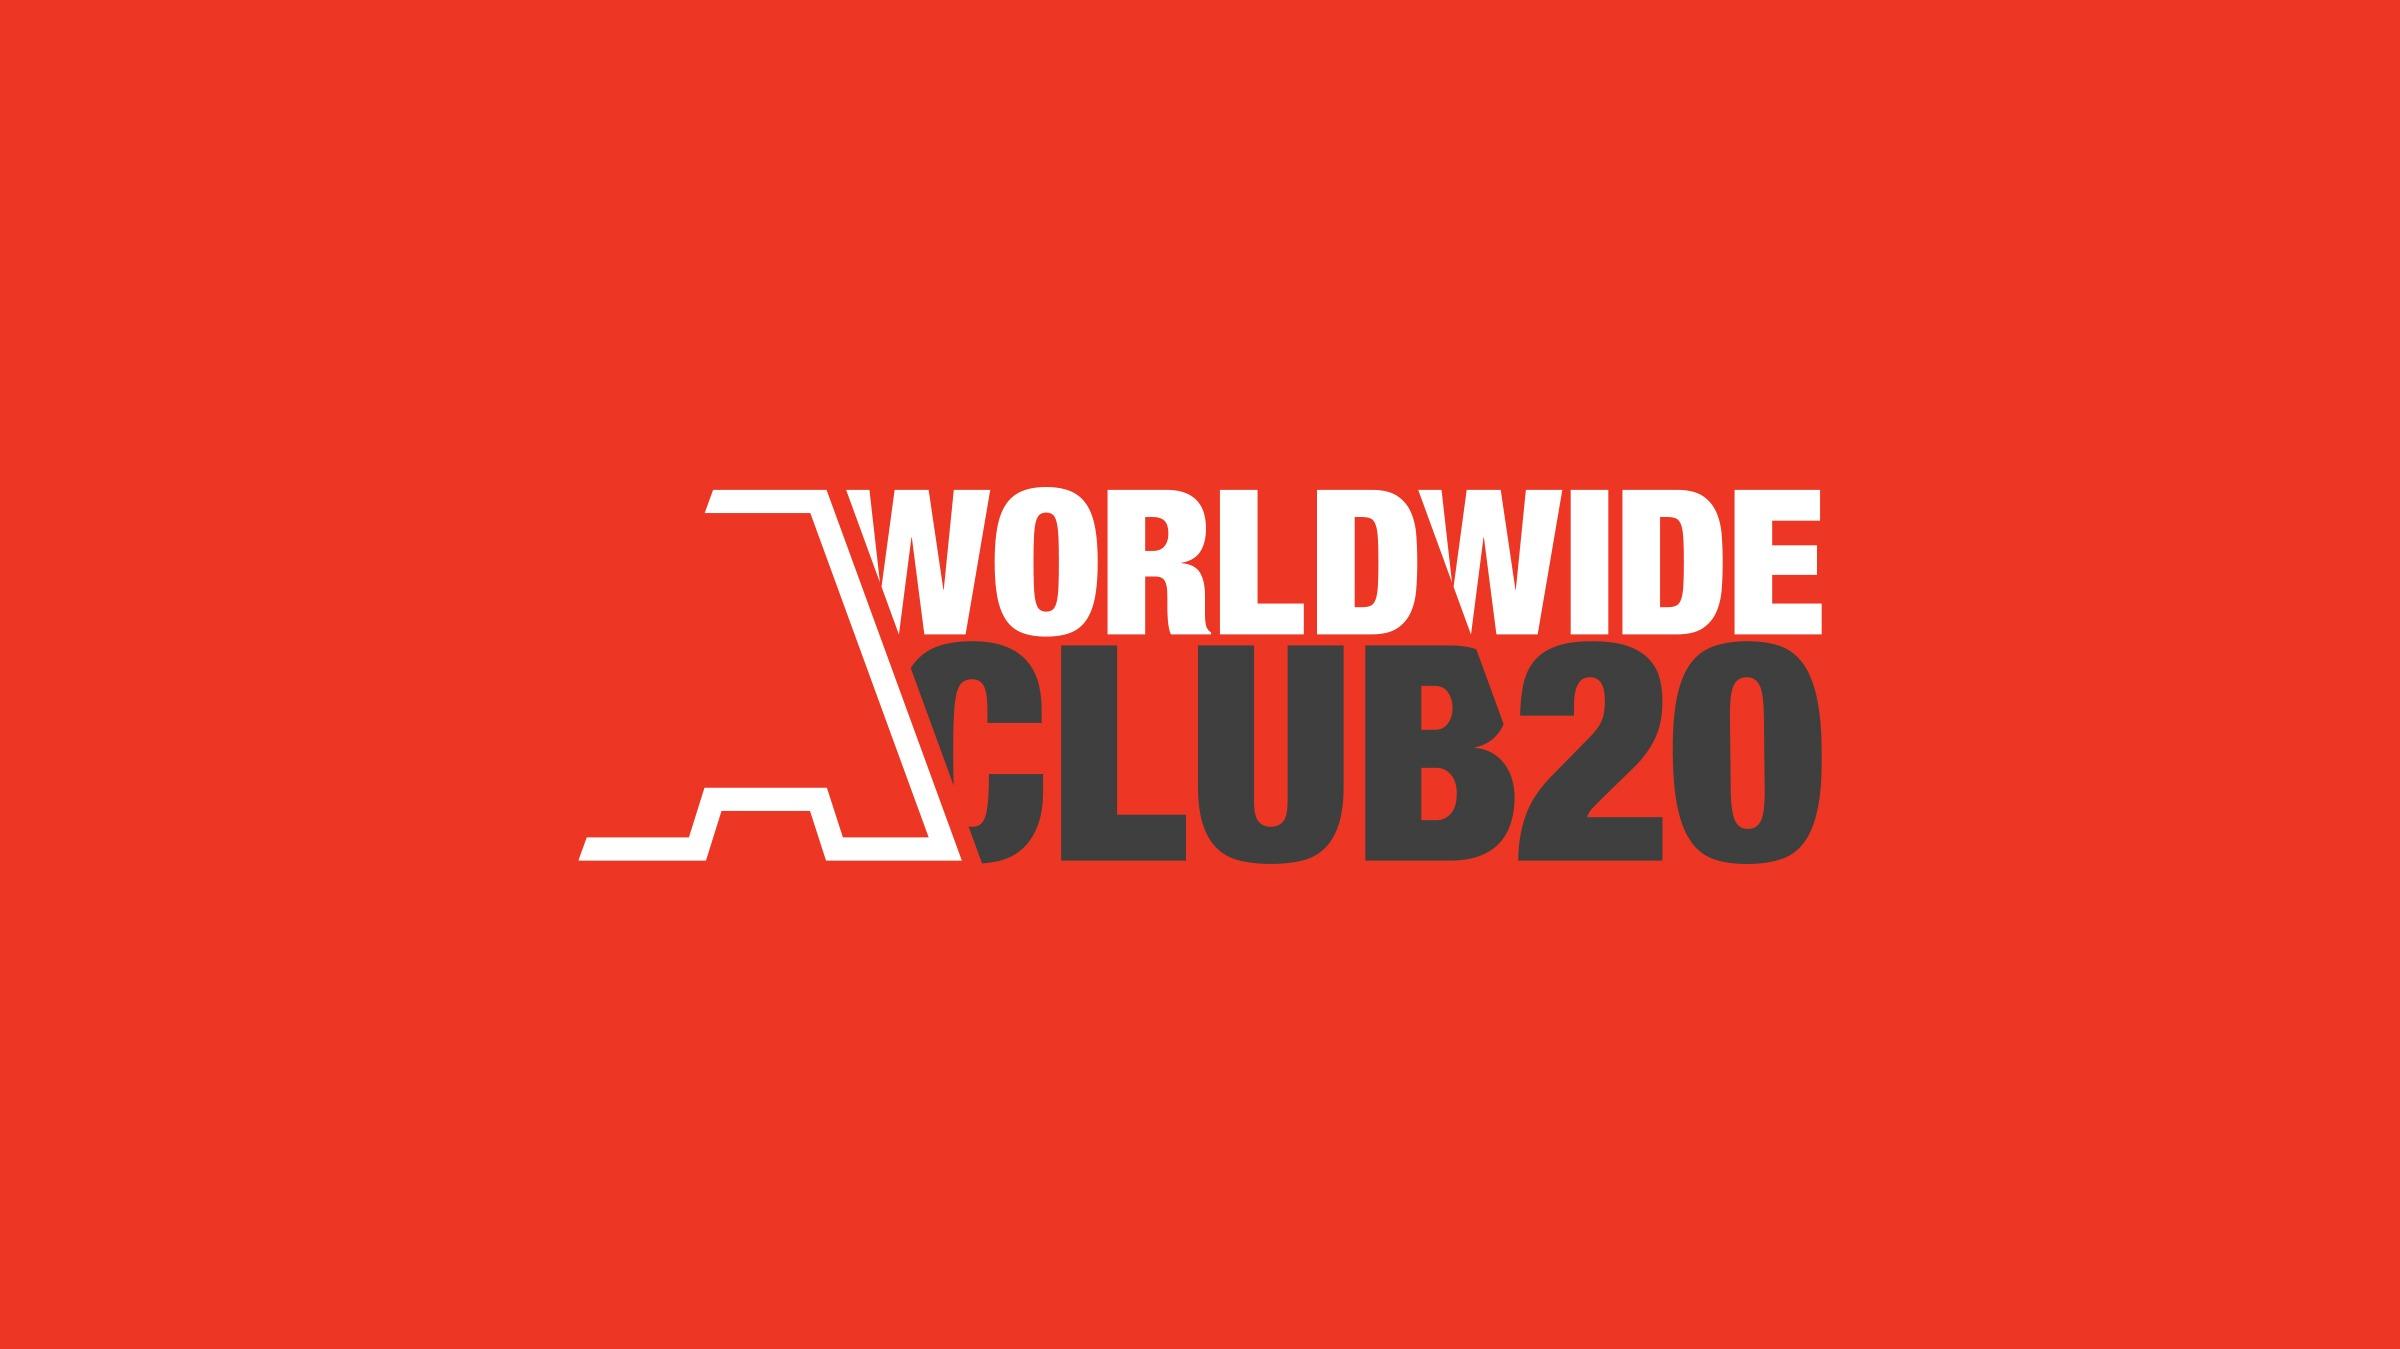 Dj teaser programma  wwc20